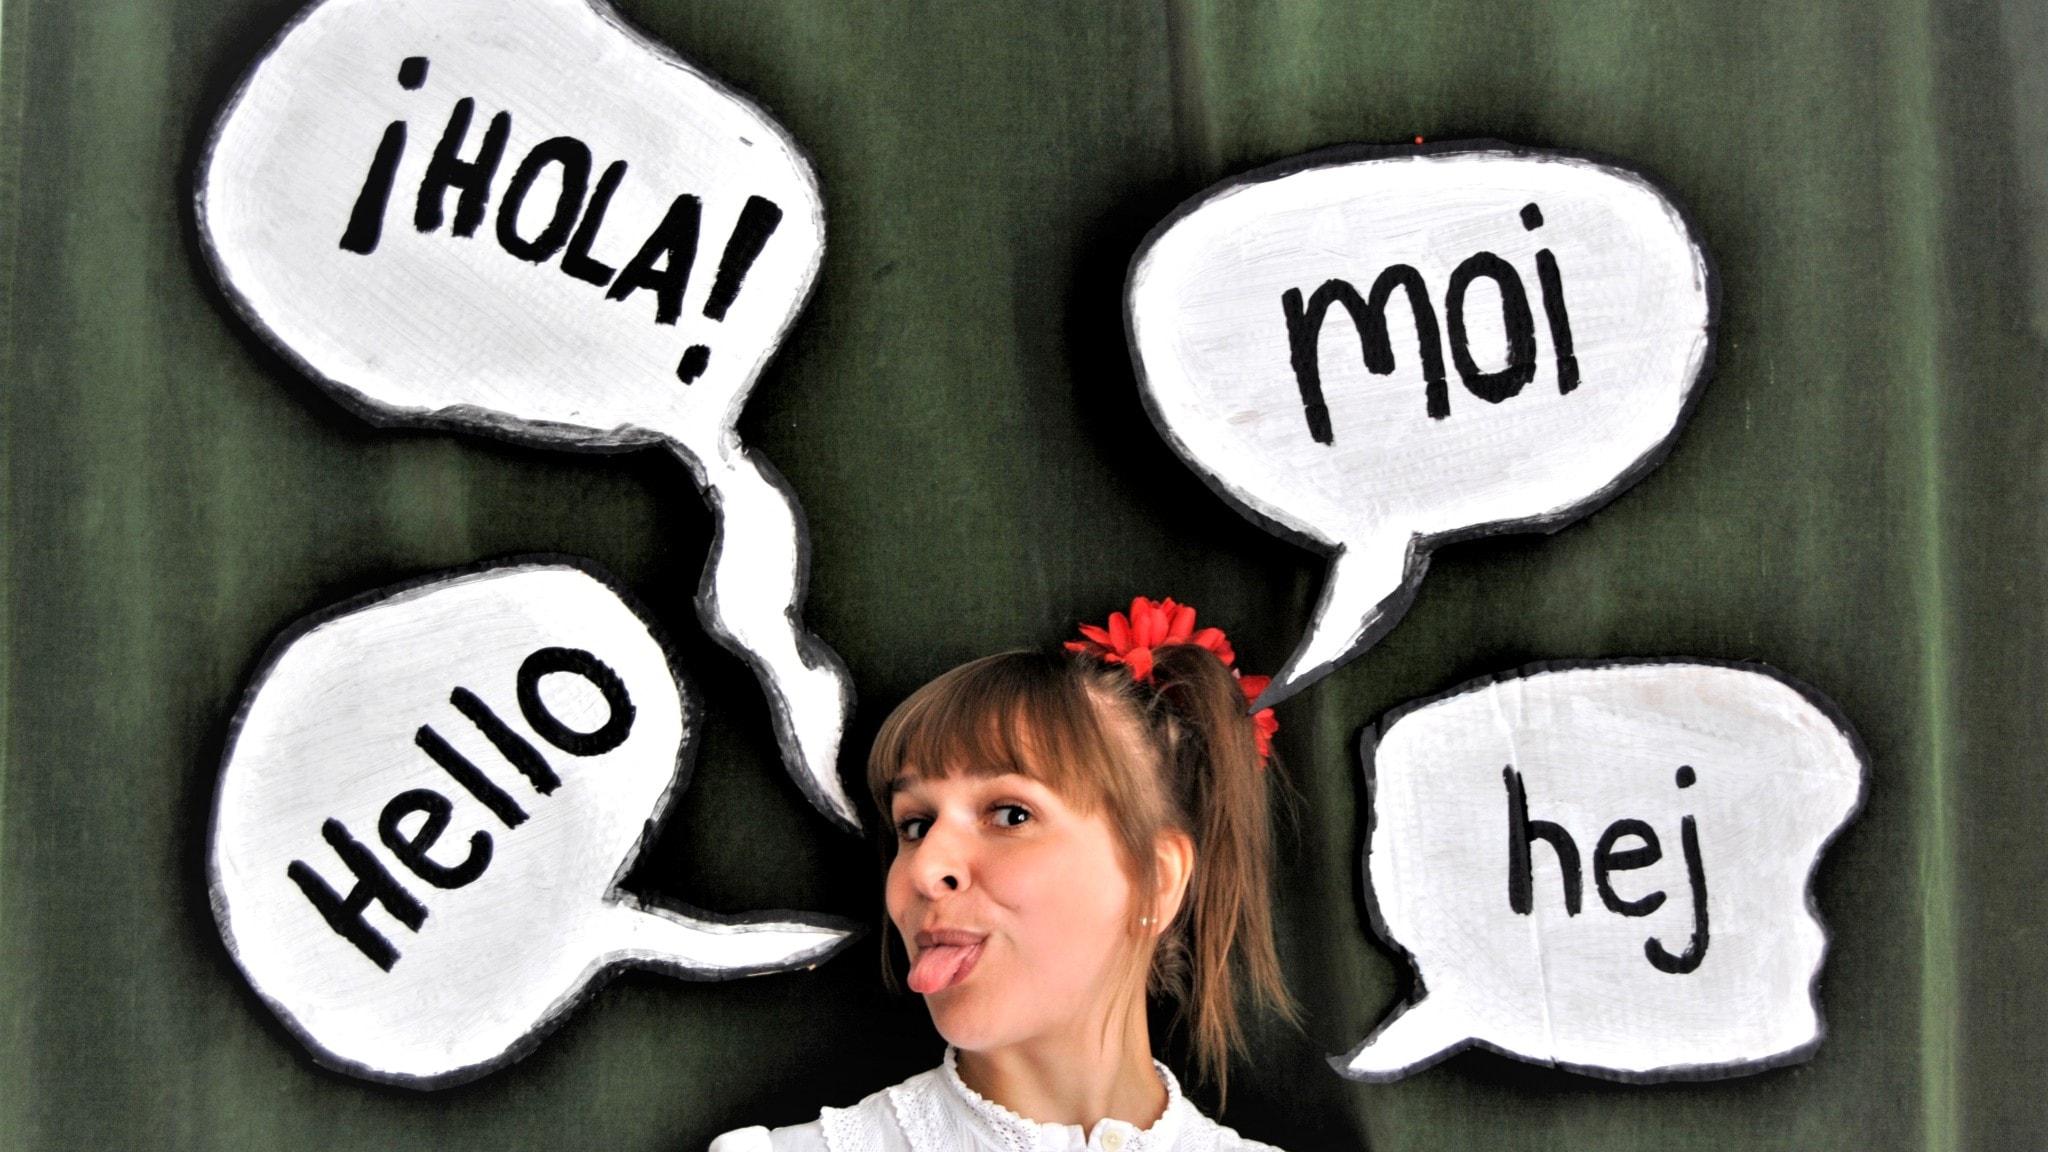 Milja ja puhekuplat joissa lukee hola, moi, hej ja hello